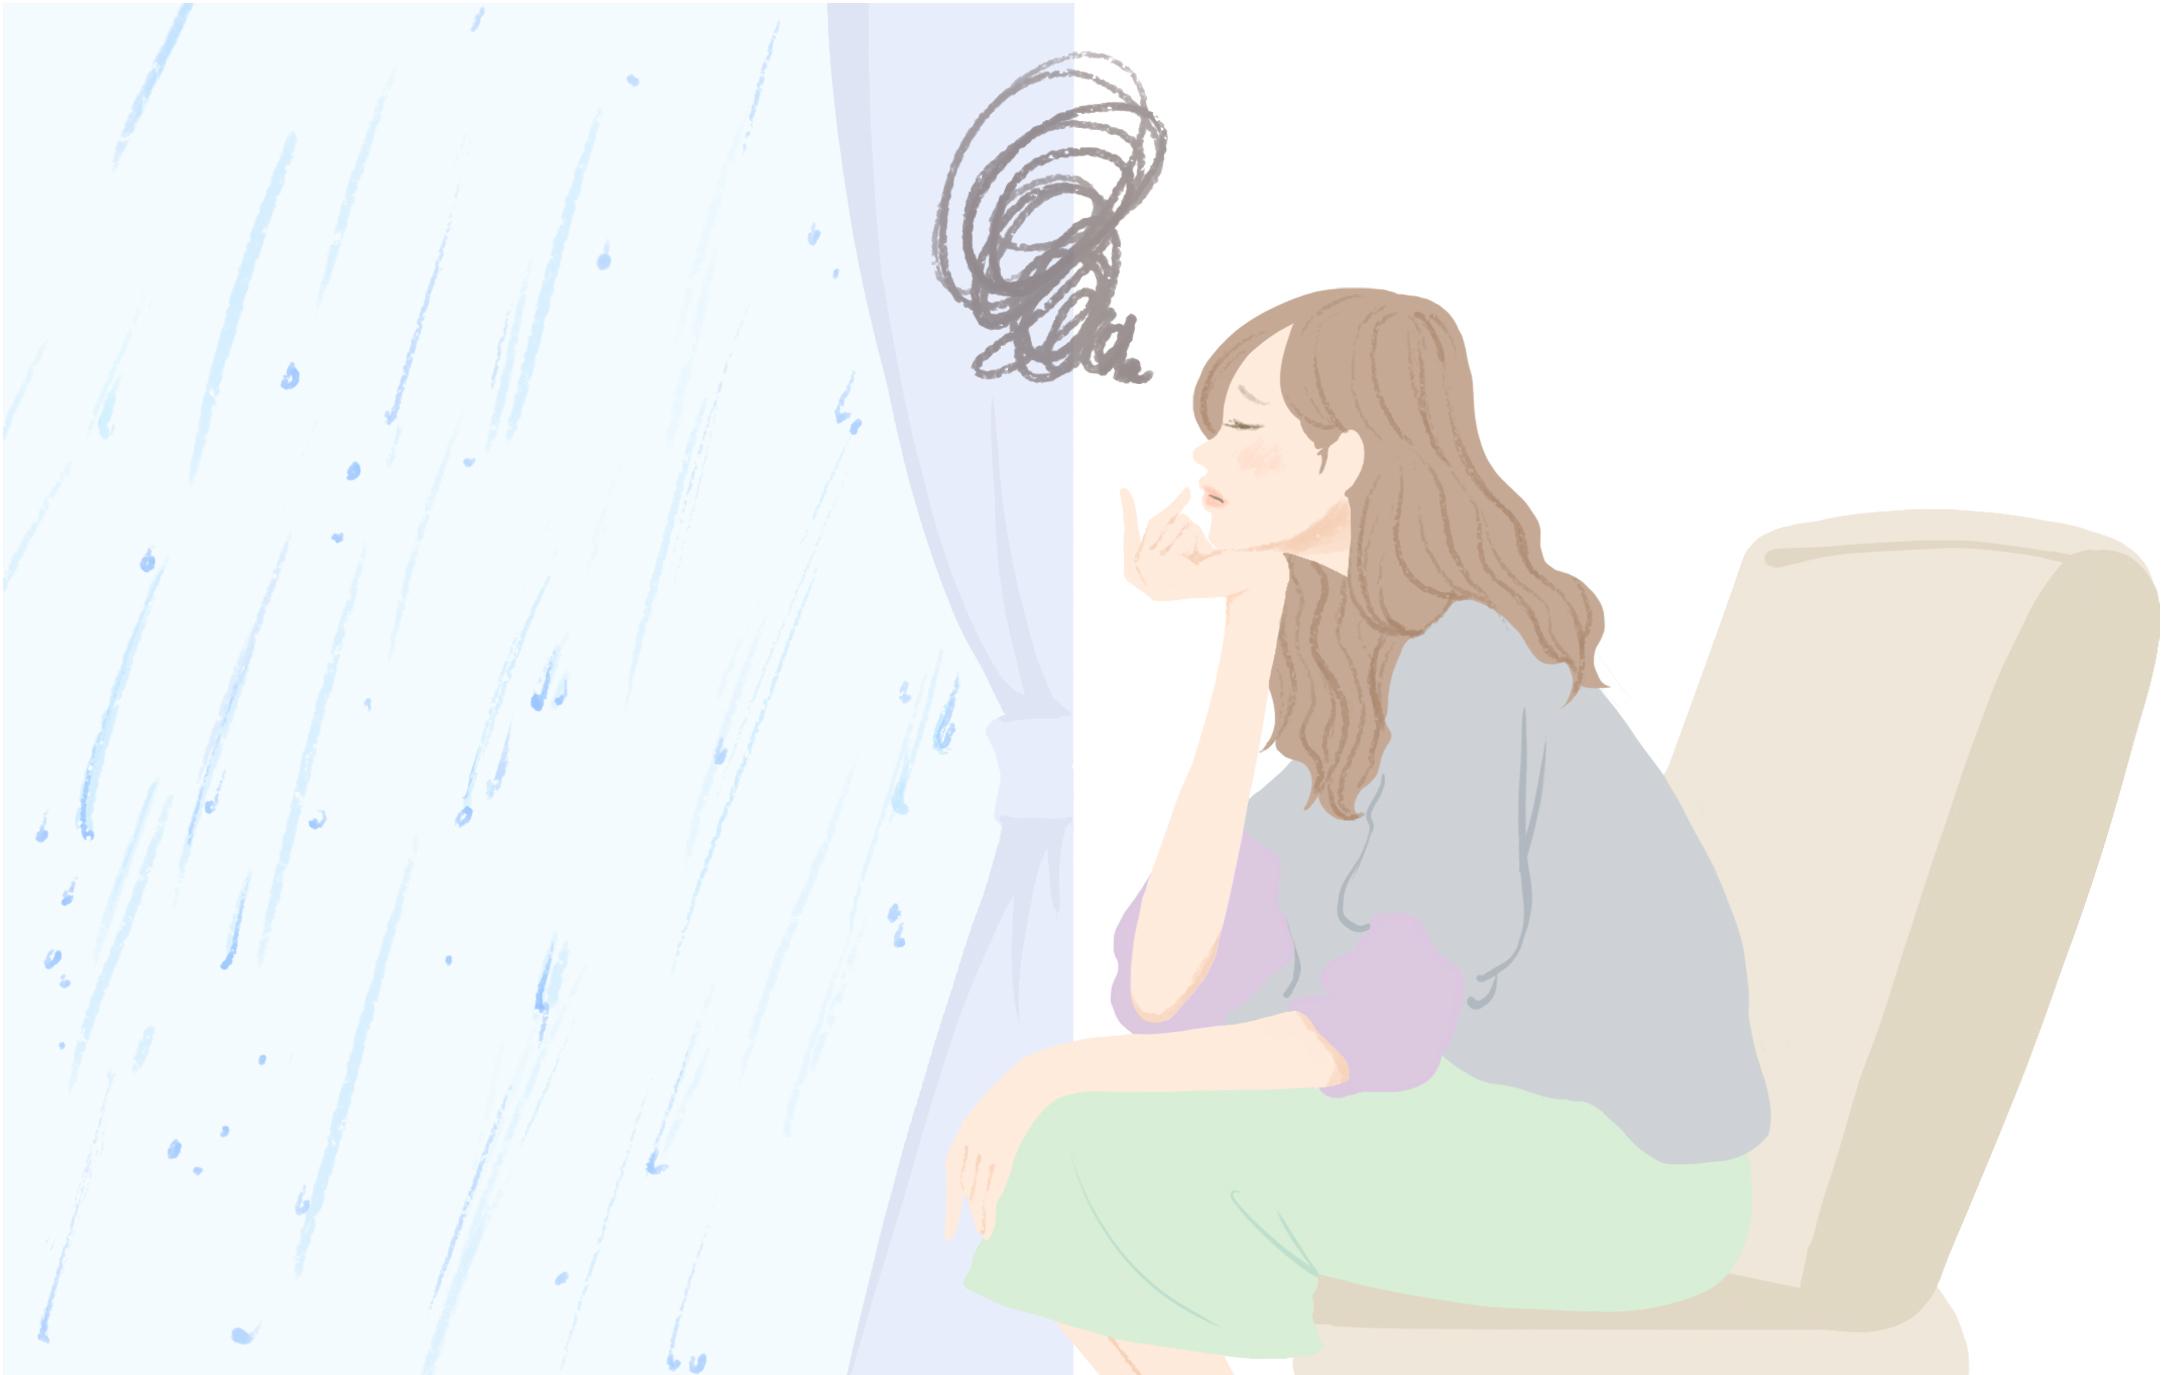 コラム_頭痛、肩こり,疲労感_01.jpg